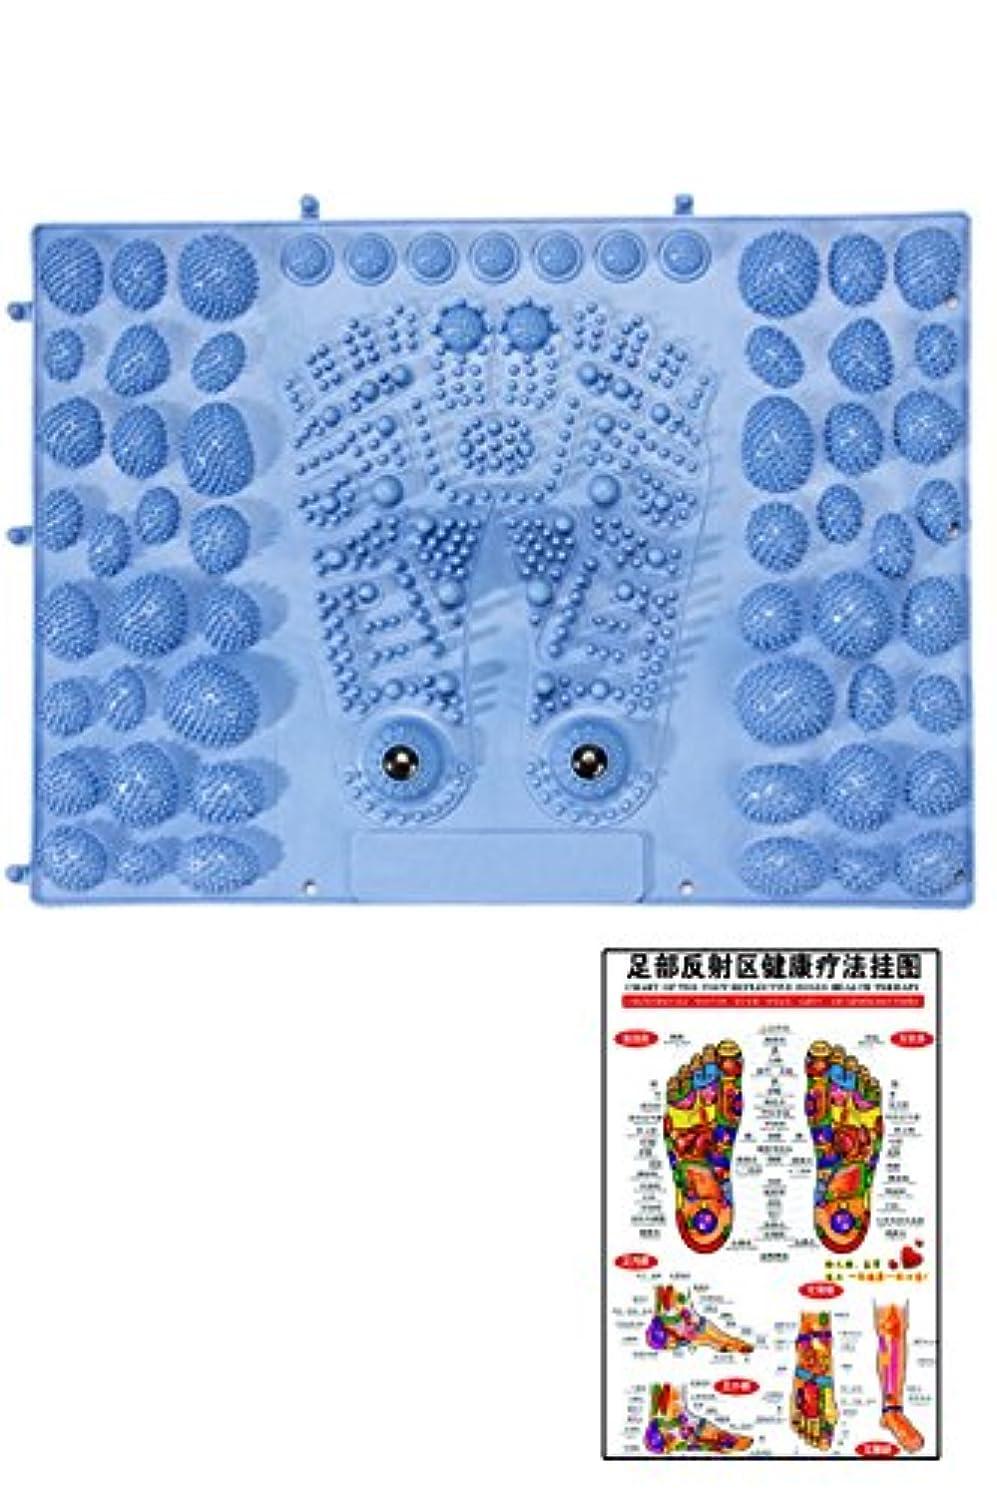 物足りないアイスクリーム荒れ地(POMAIKAI) 足型 足ツボ 健康 マット ダイエット 足裏マッサージ 反射区 マップ セット (ブルー)